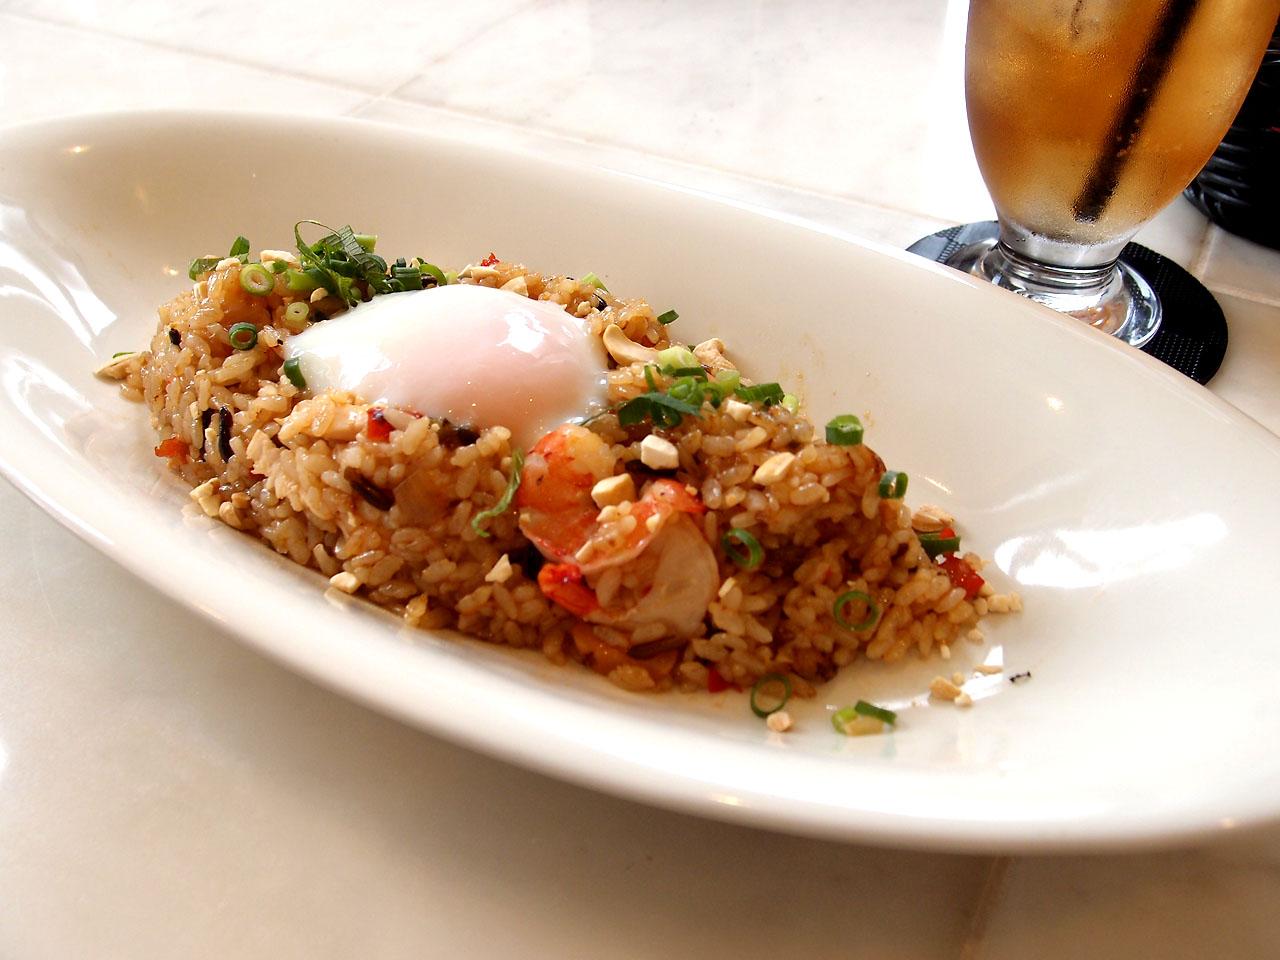 レストラン&バー:コメコメ富士宮店さんのナシゴレン